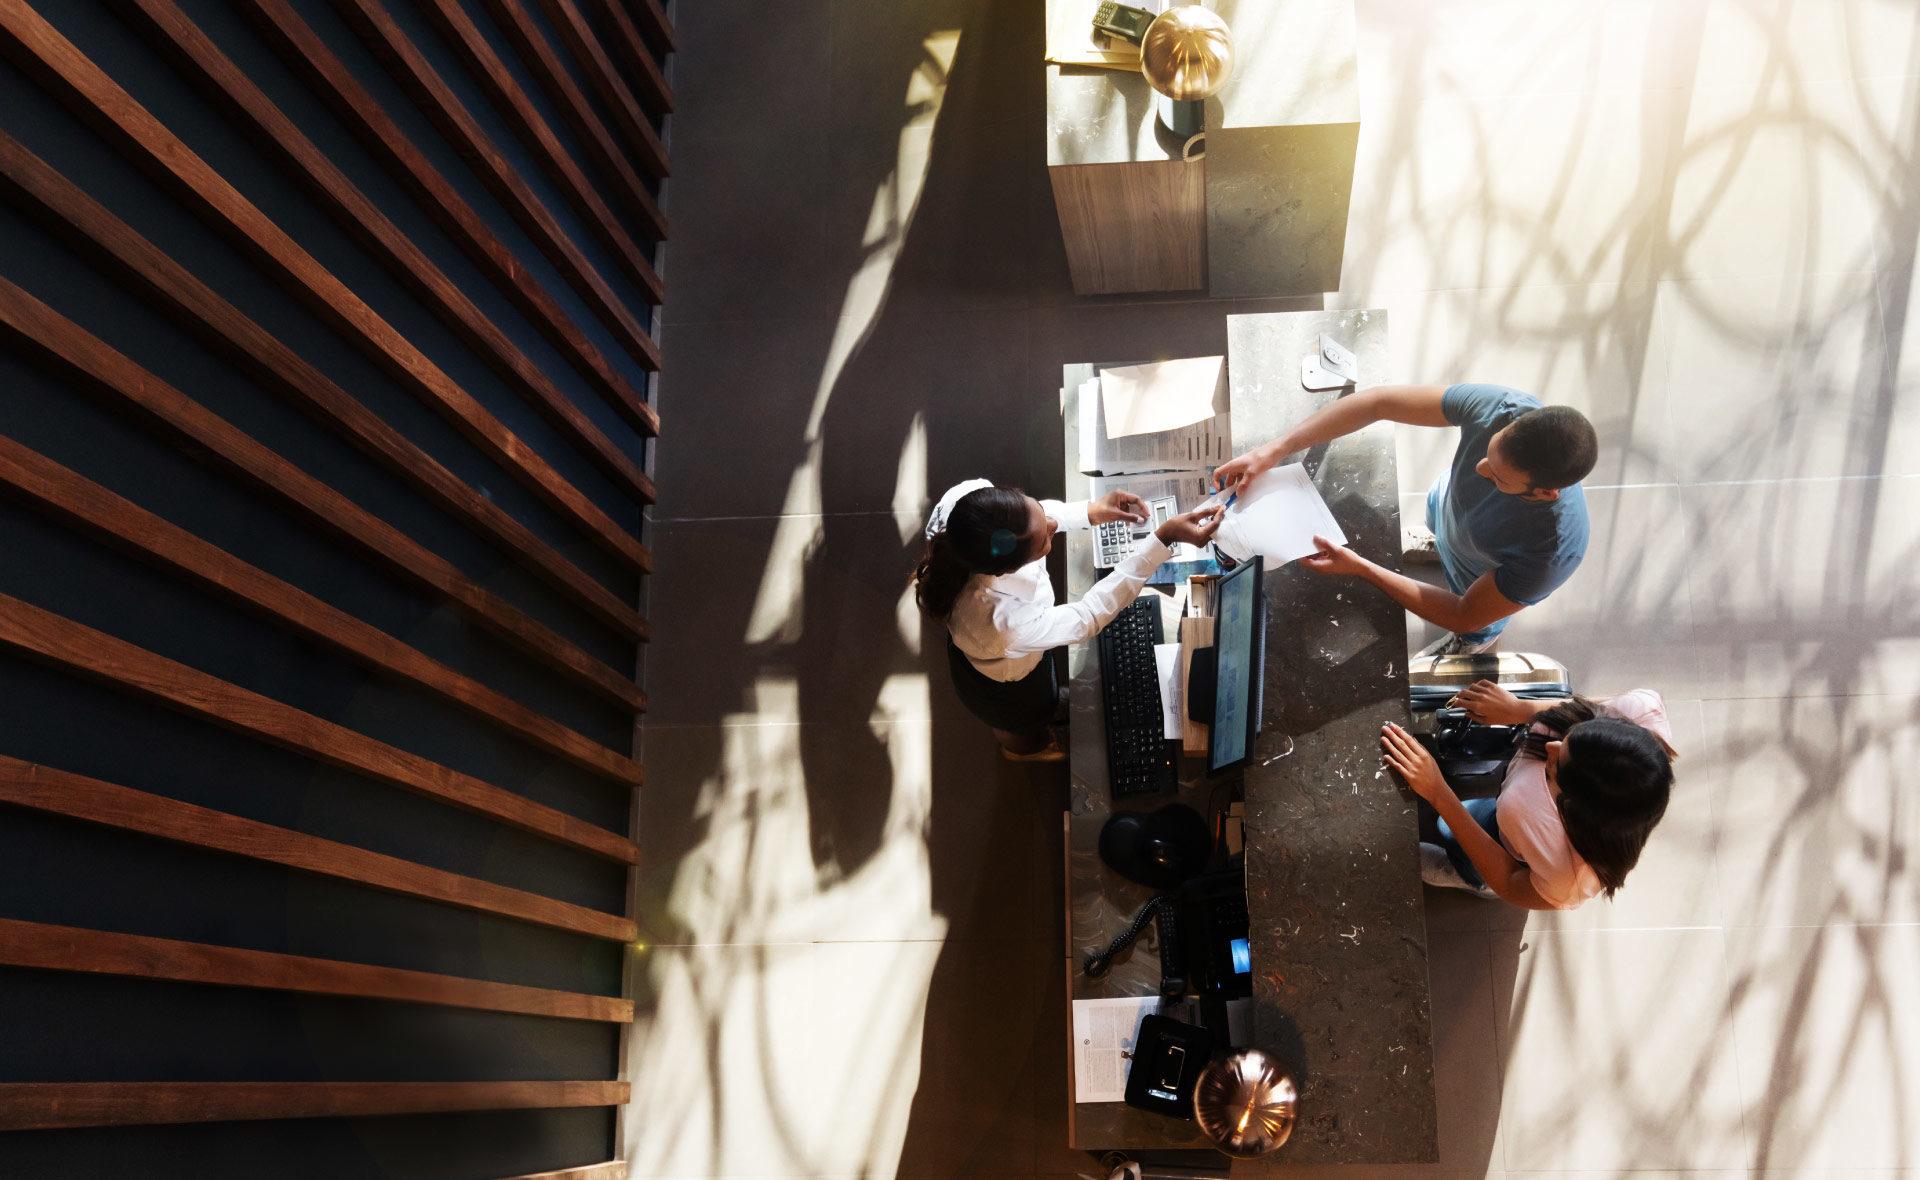 empleo-sector-hoteles-clientes-hospedaje-